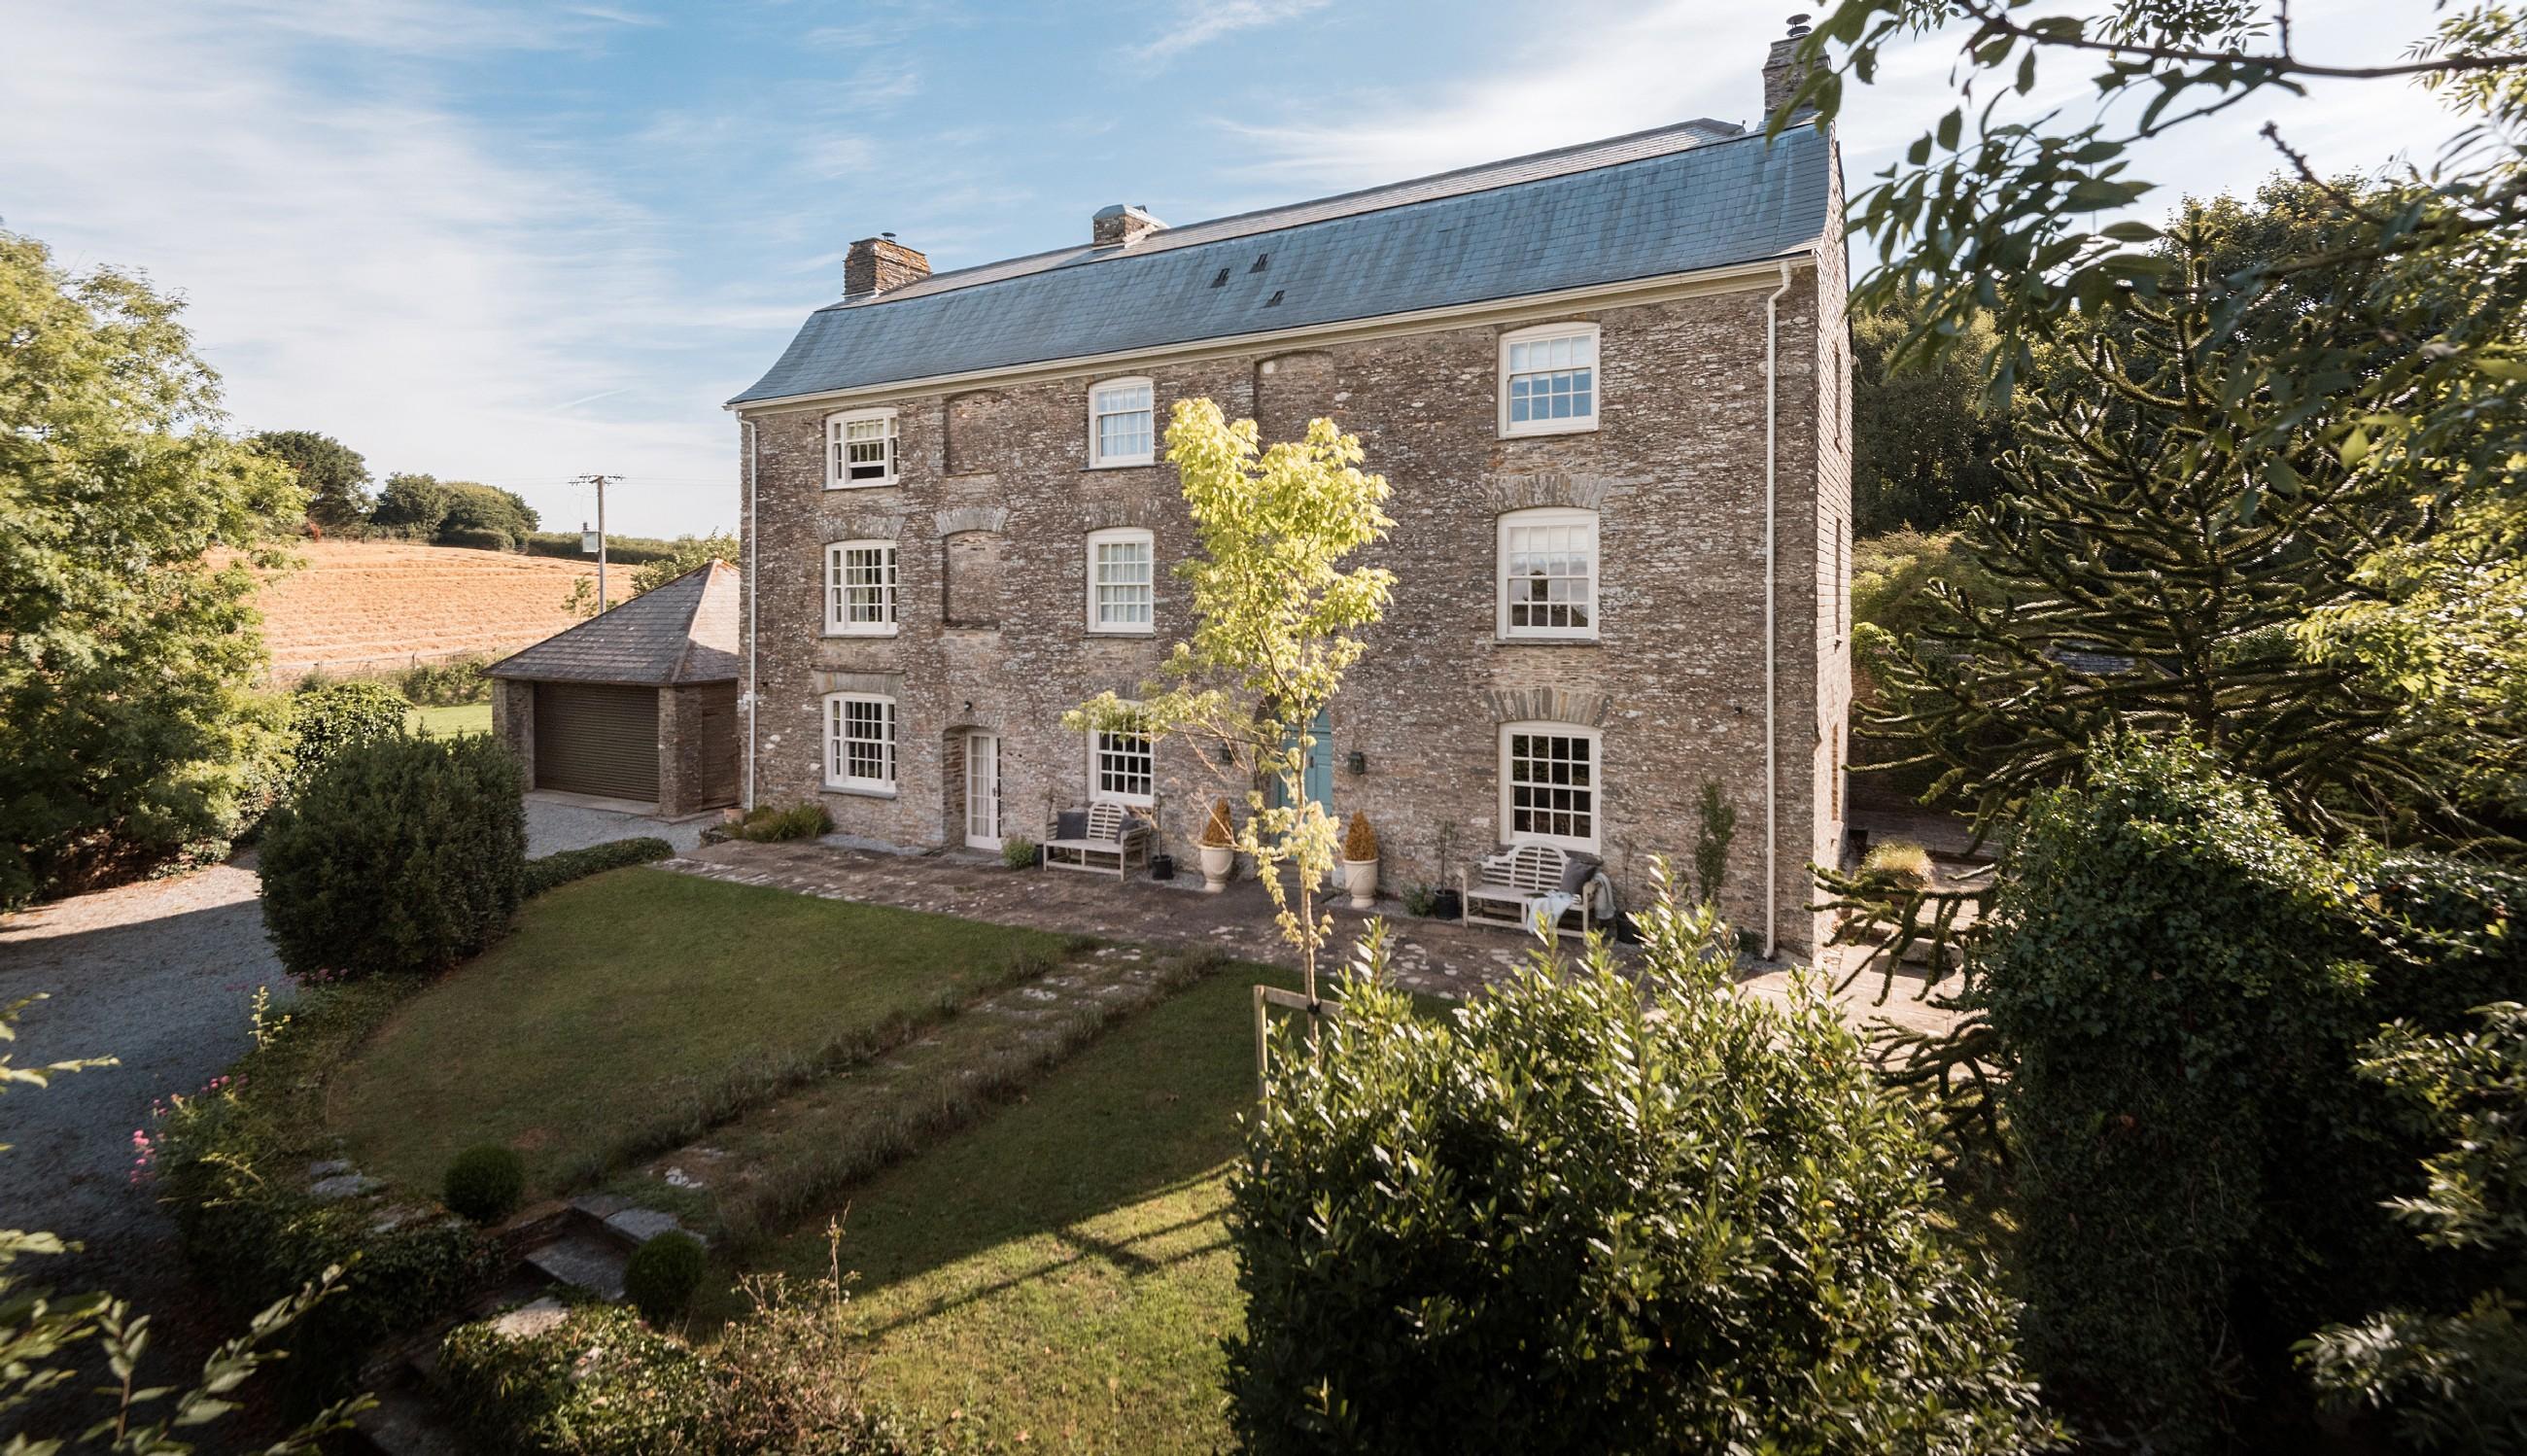 Luxury Self-Catering Statement House near Kingsbridge, Devon